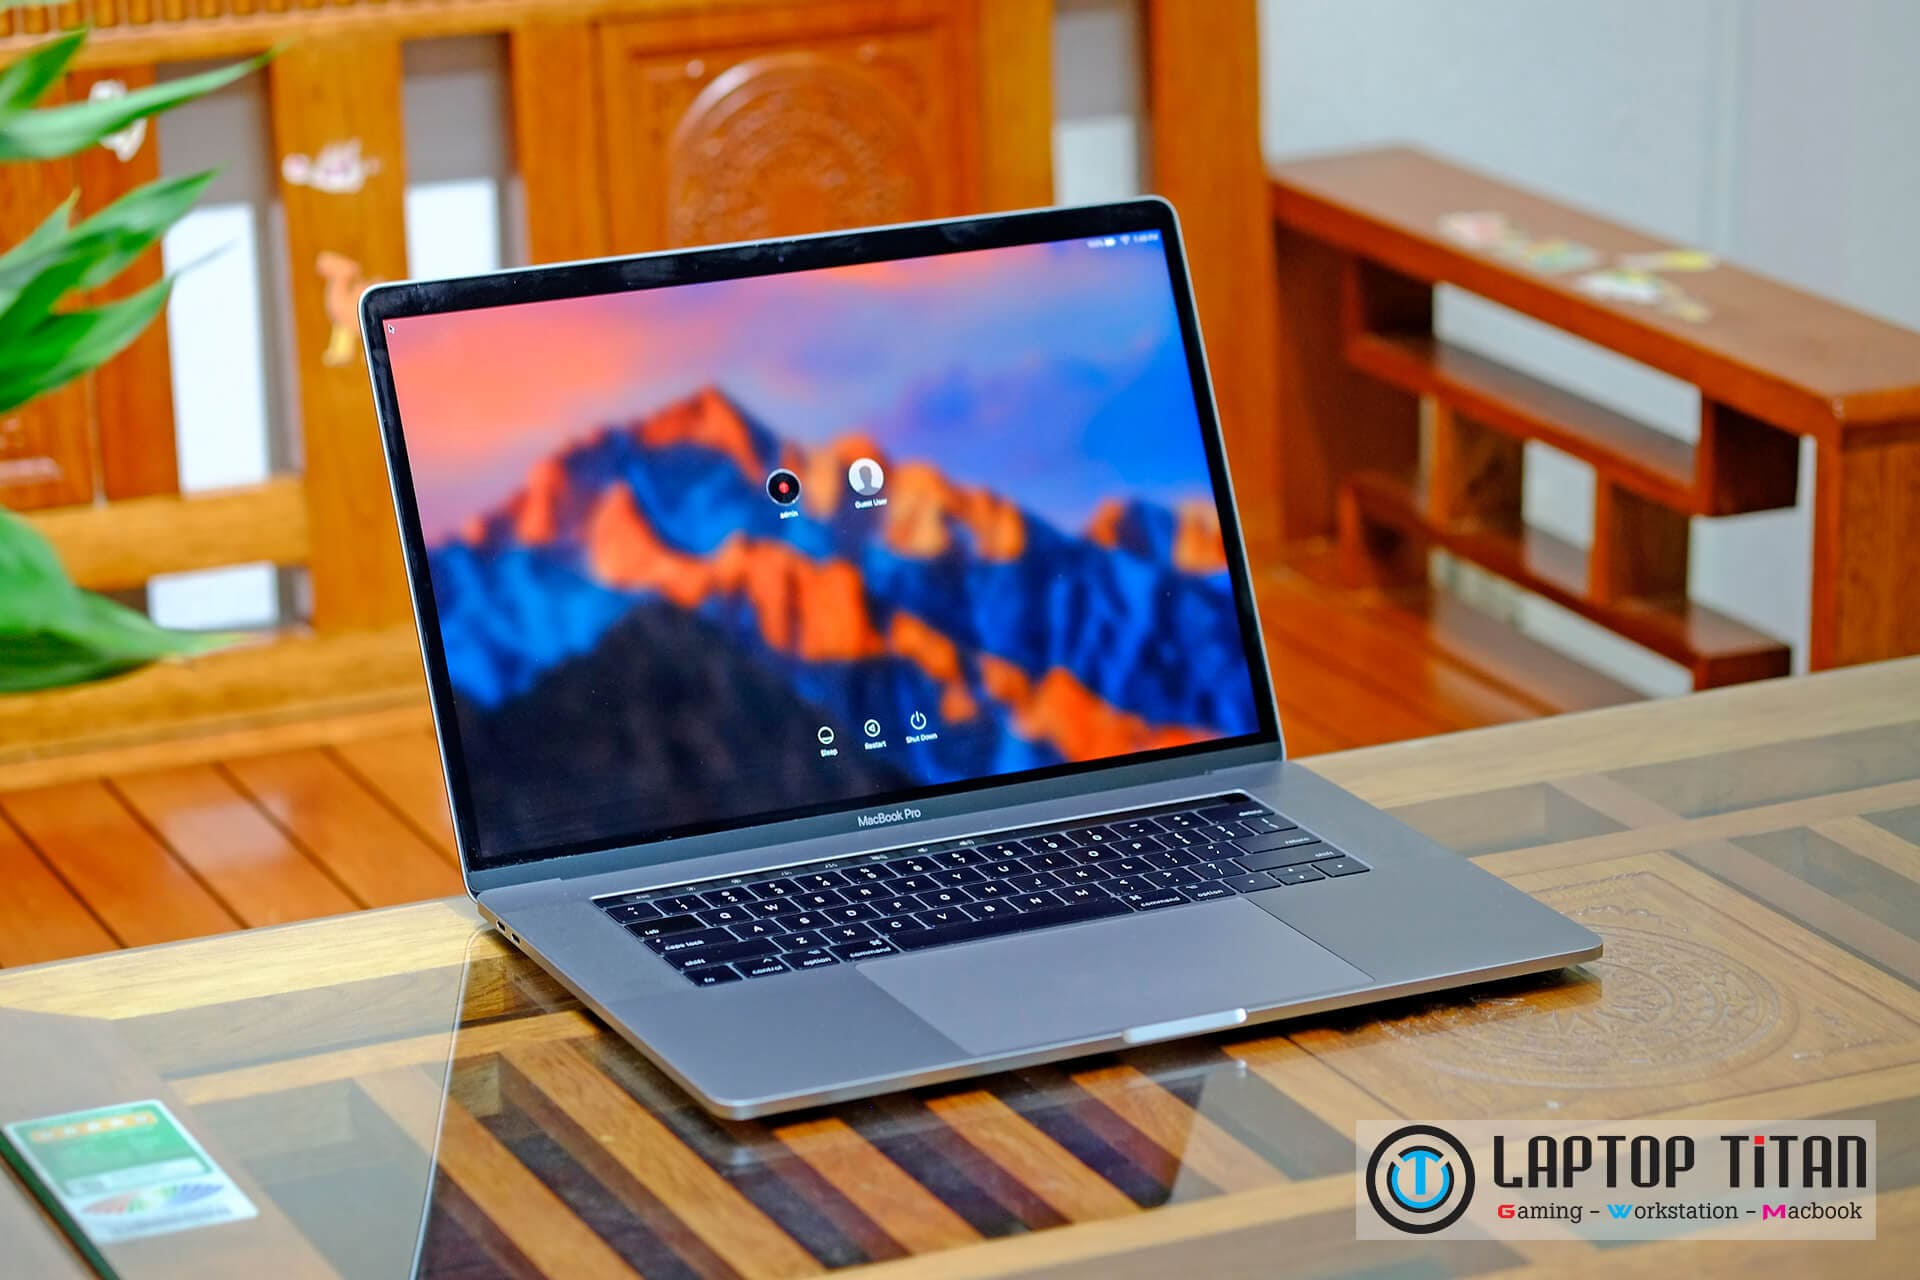 Macbook Pro Touchbar 15 Inch Laptoptitan 02